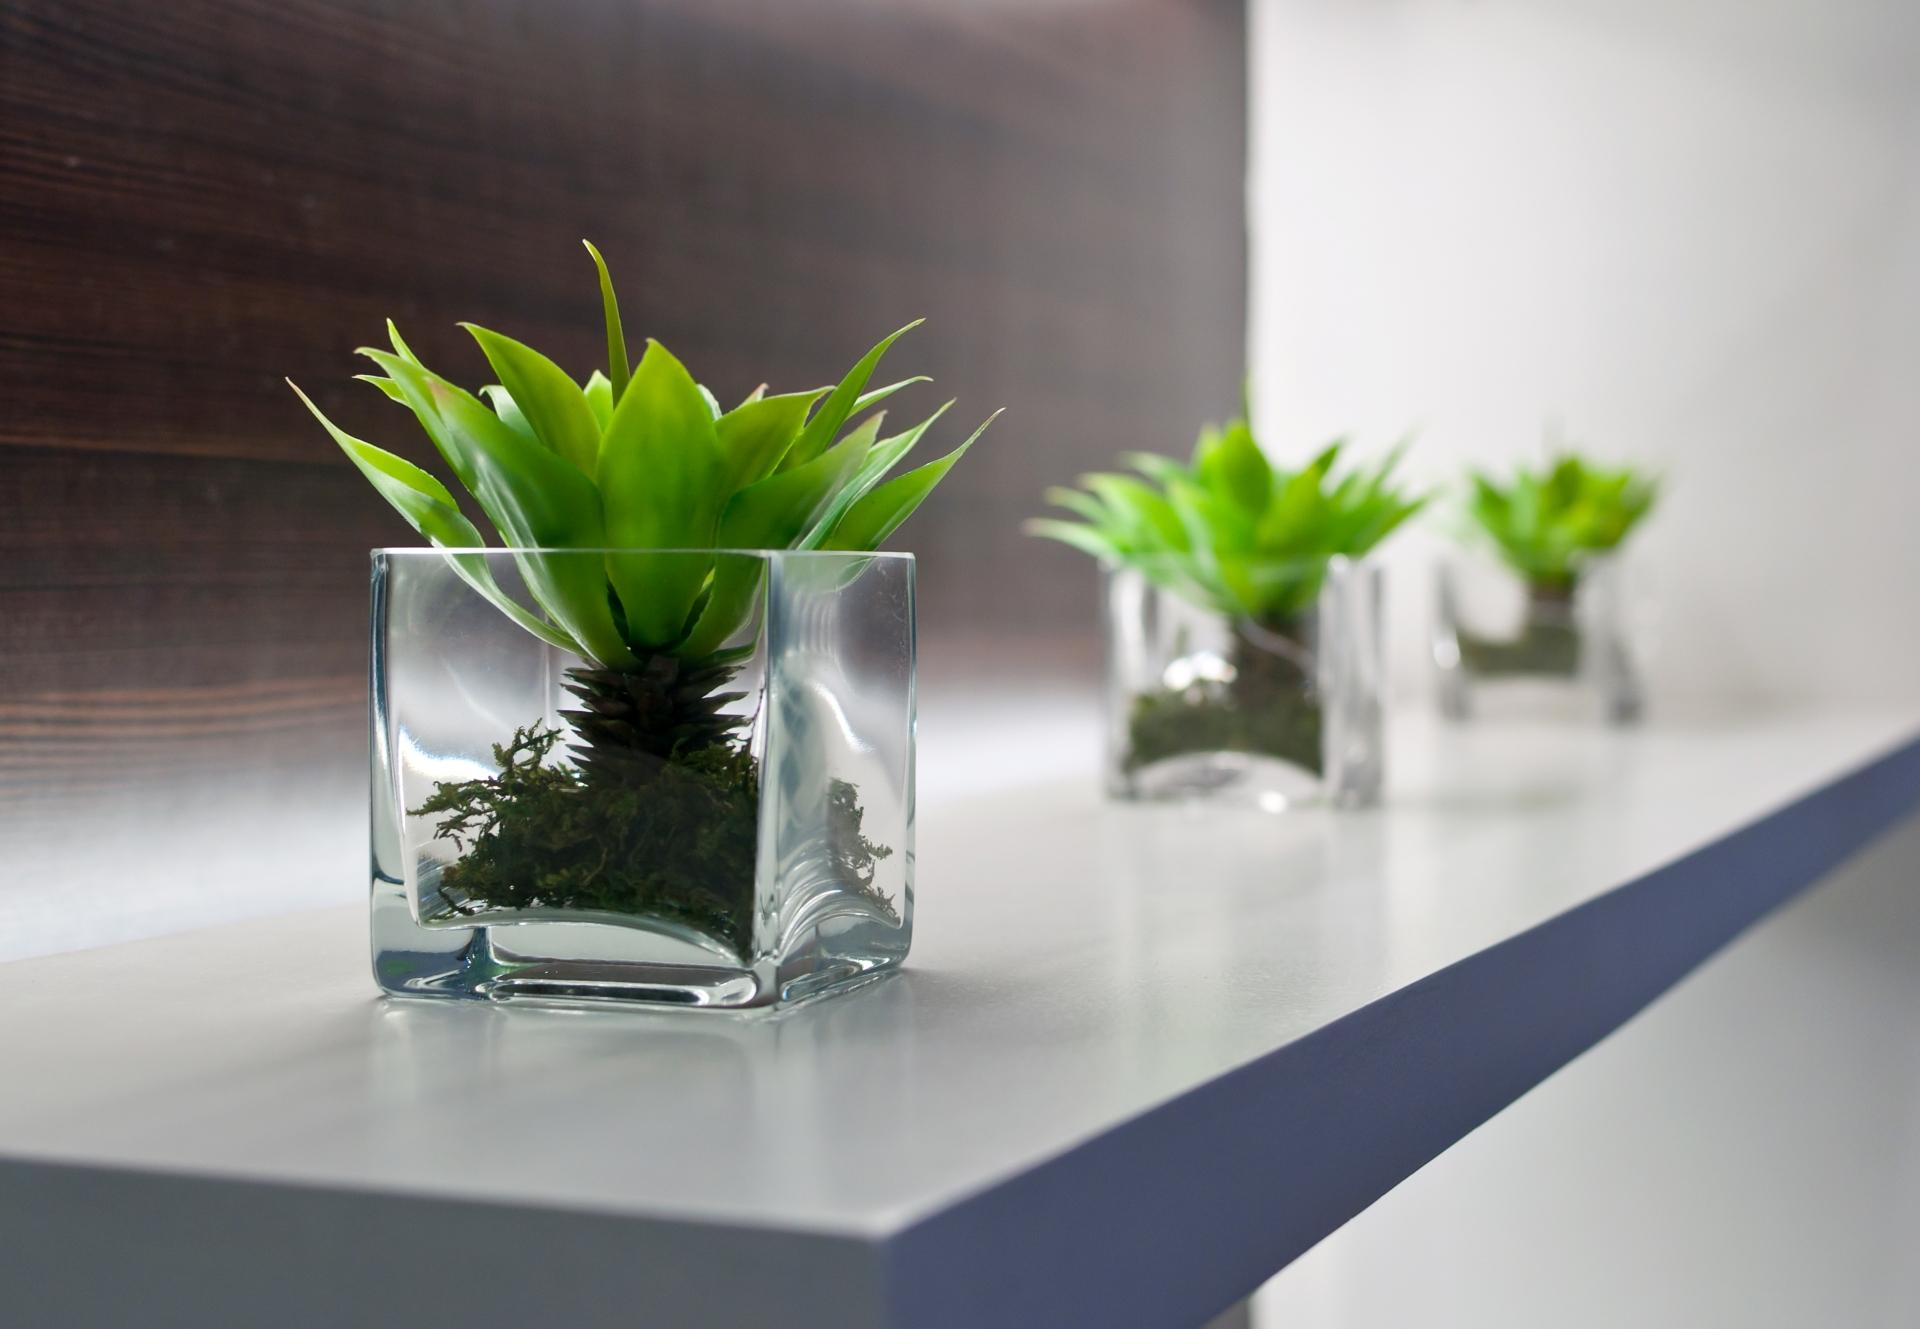 Planten Op Kantoor : Levering en onderhoud kantoor planten